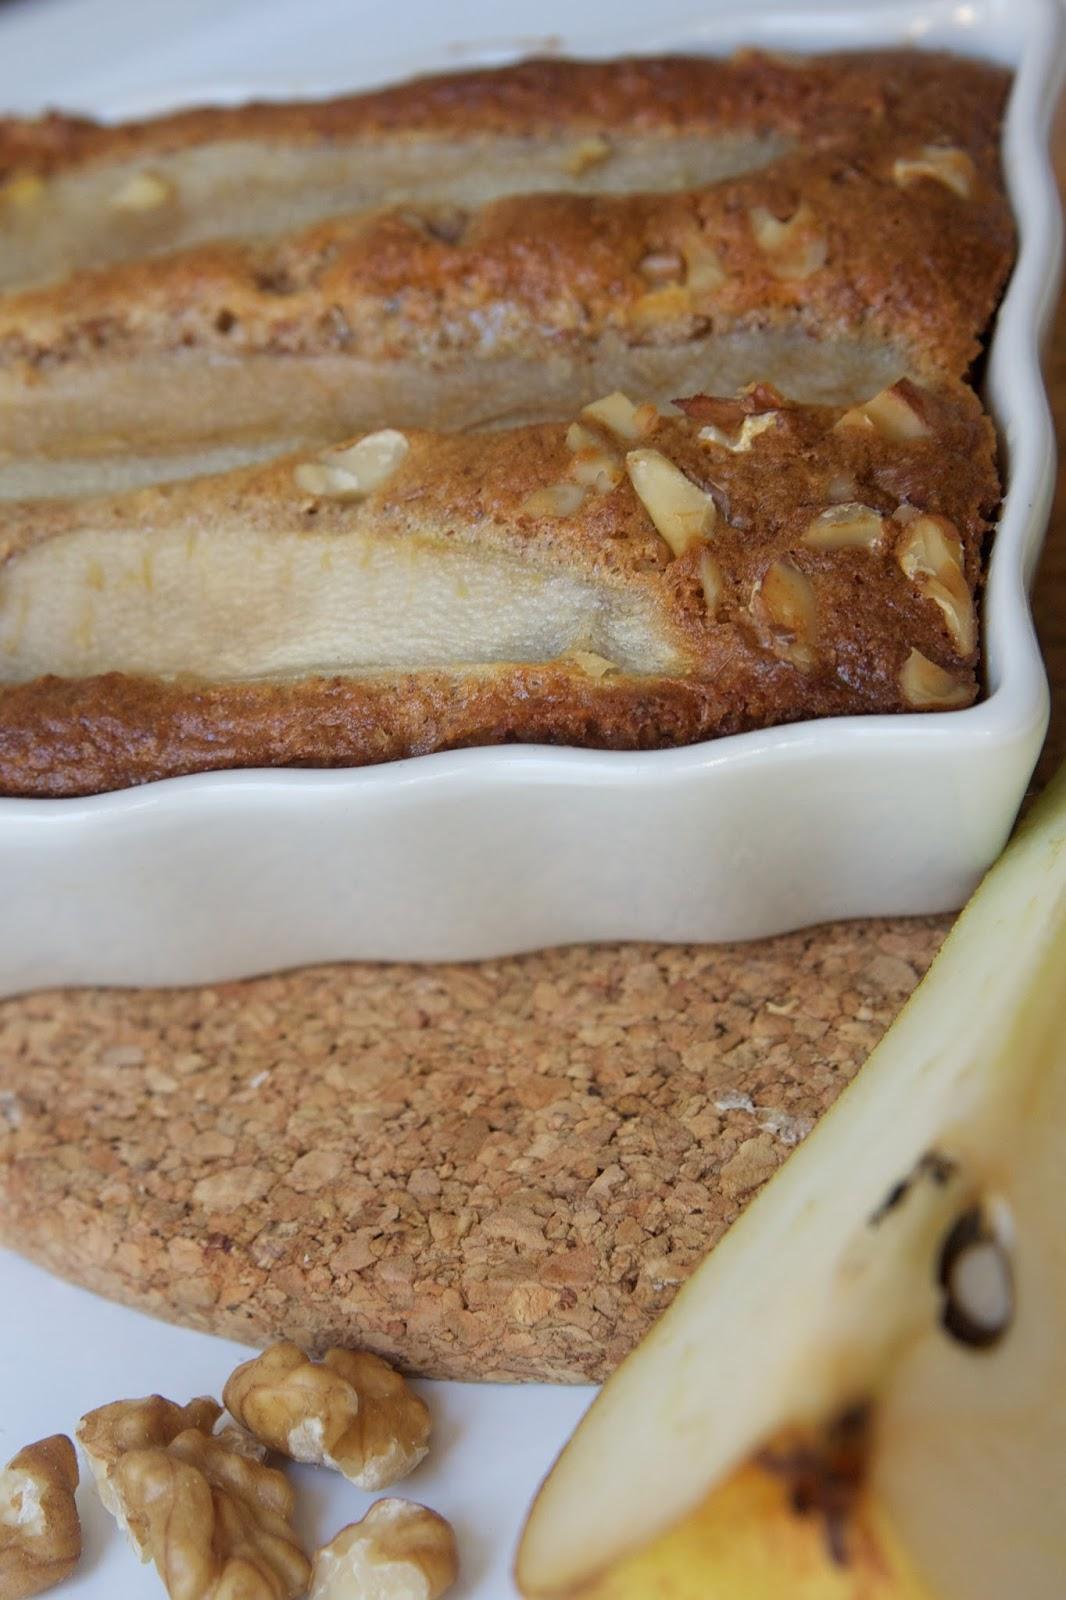 Awesome Vegane Küche 100 Rezepte Galleries - hiketoframe.com ...